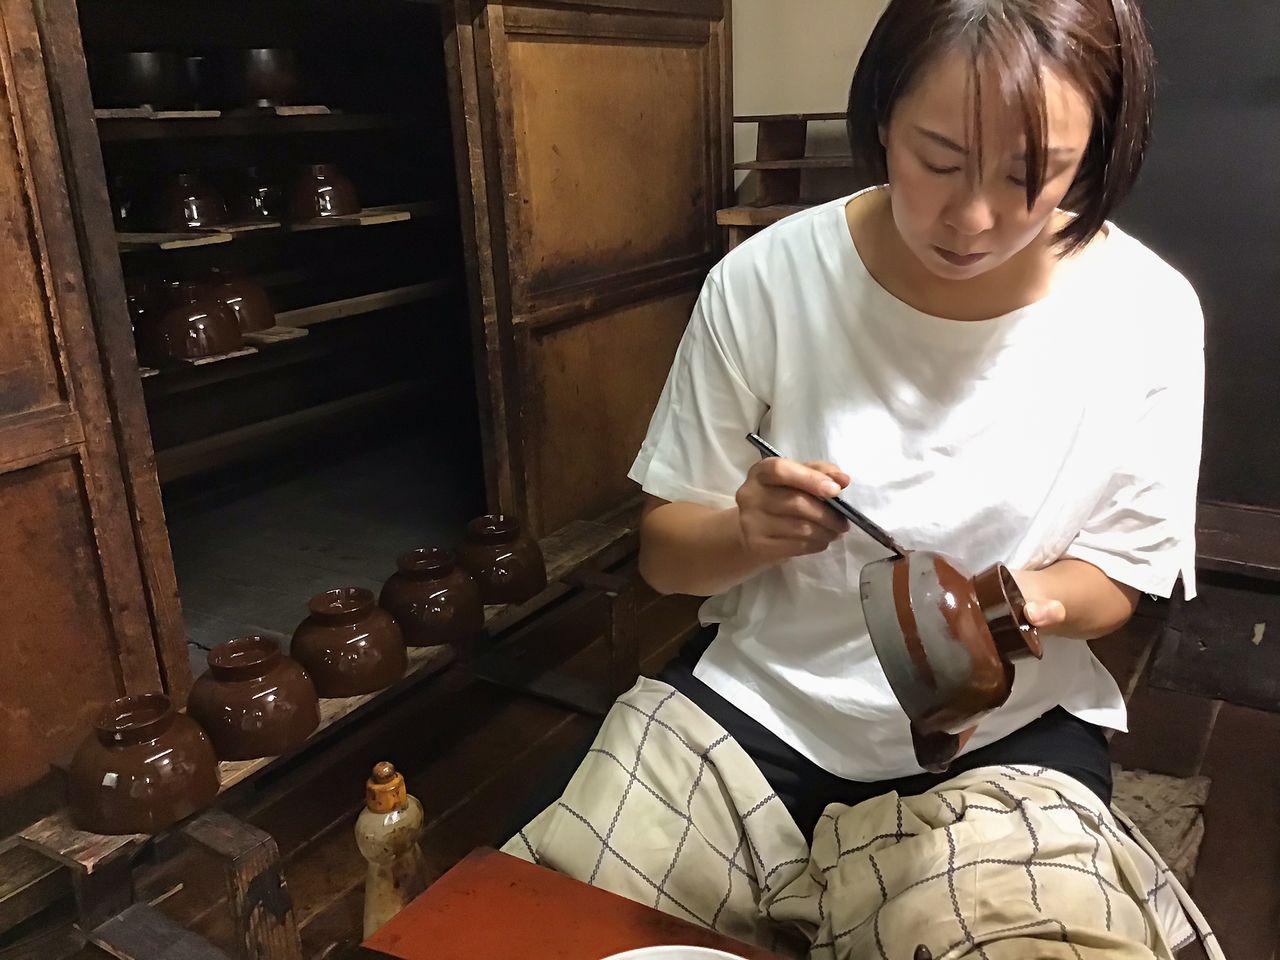 Фудзимура владеет традиционными технологиями изготовления лаковых изделий. Процесс нанесения лака состоит более чем из 40 этапов – создание базового слоя, многократное нанесение лака и полировка (@ «Уруми когэй»)